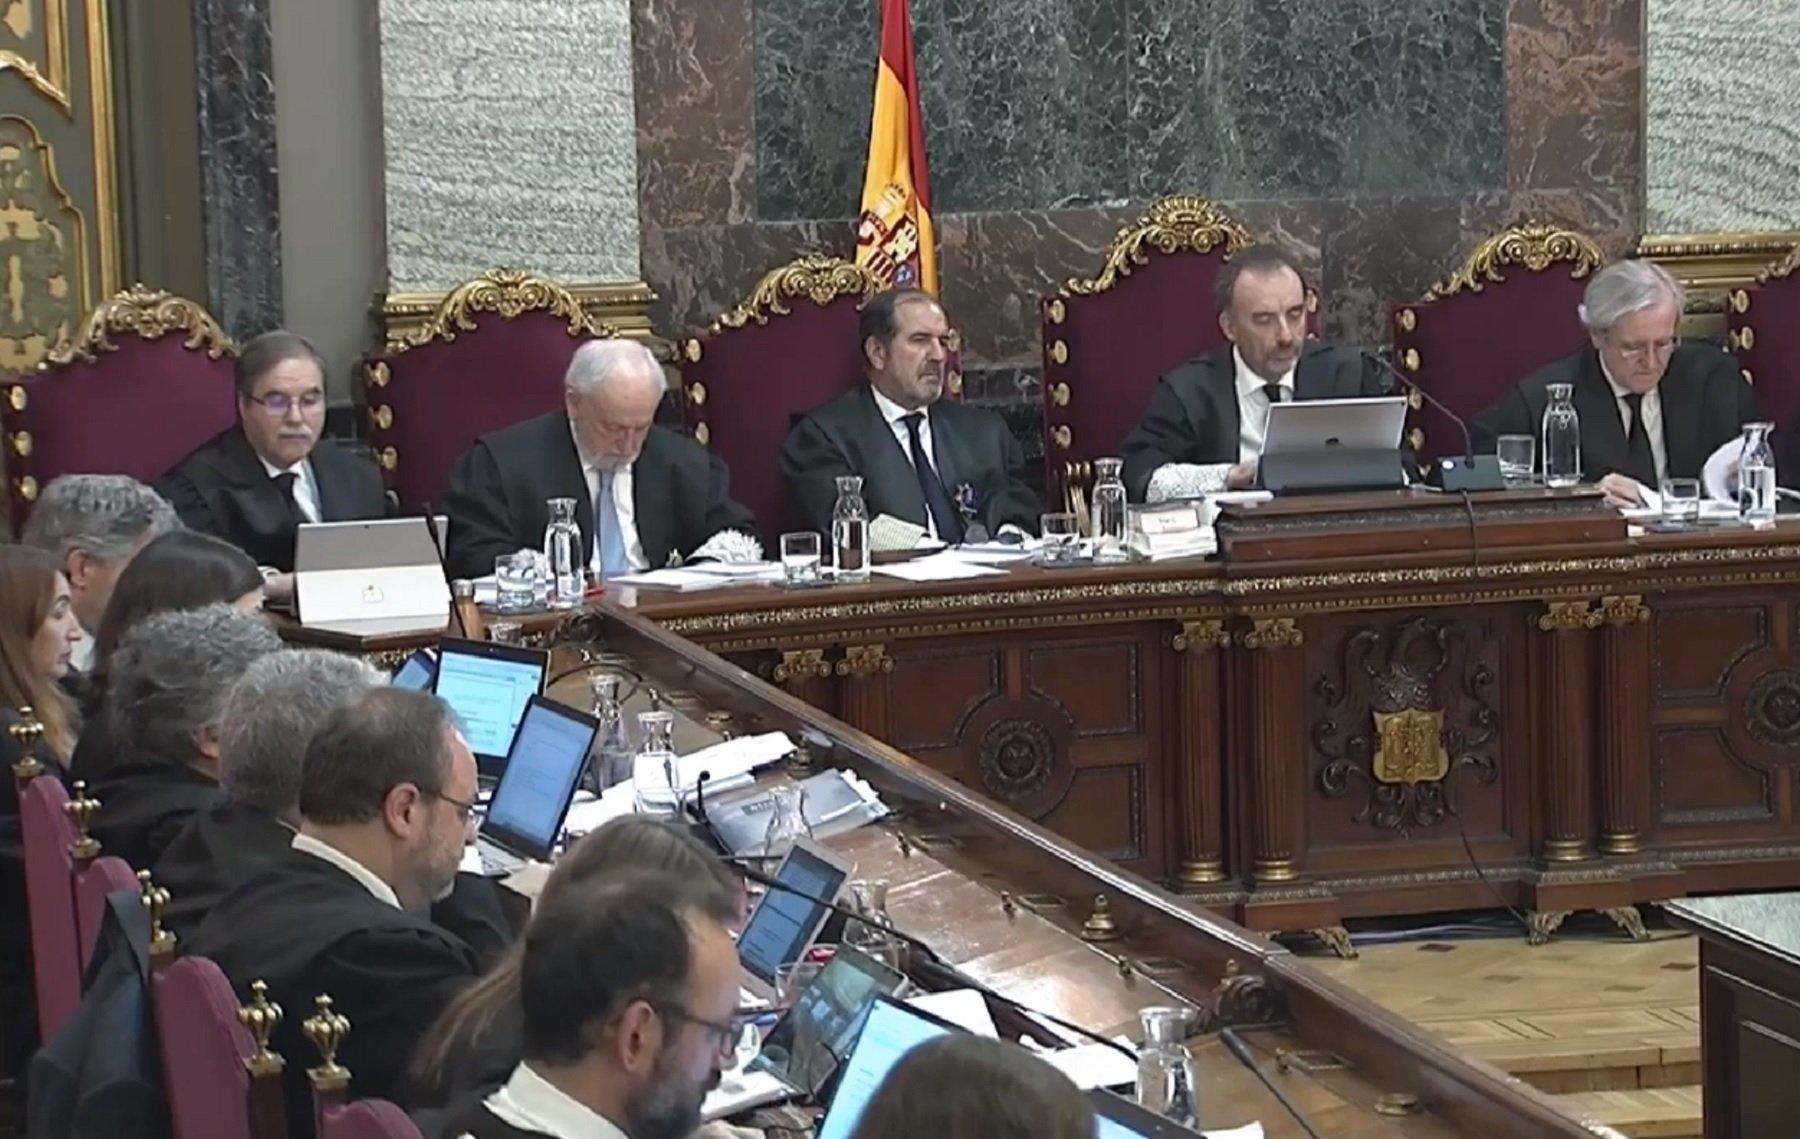 judici proces sala tribunal suprem